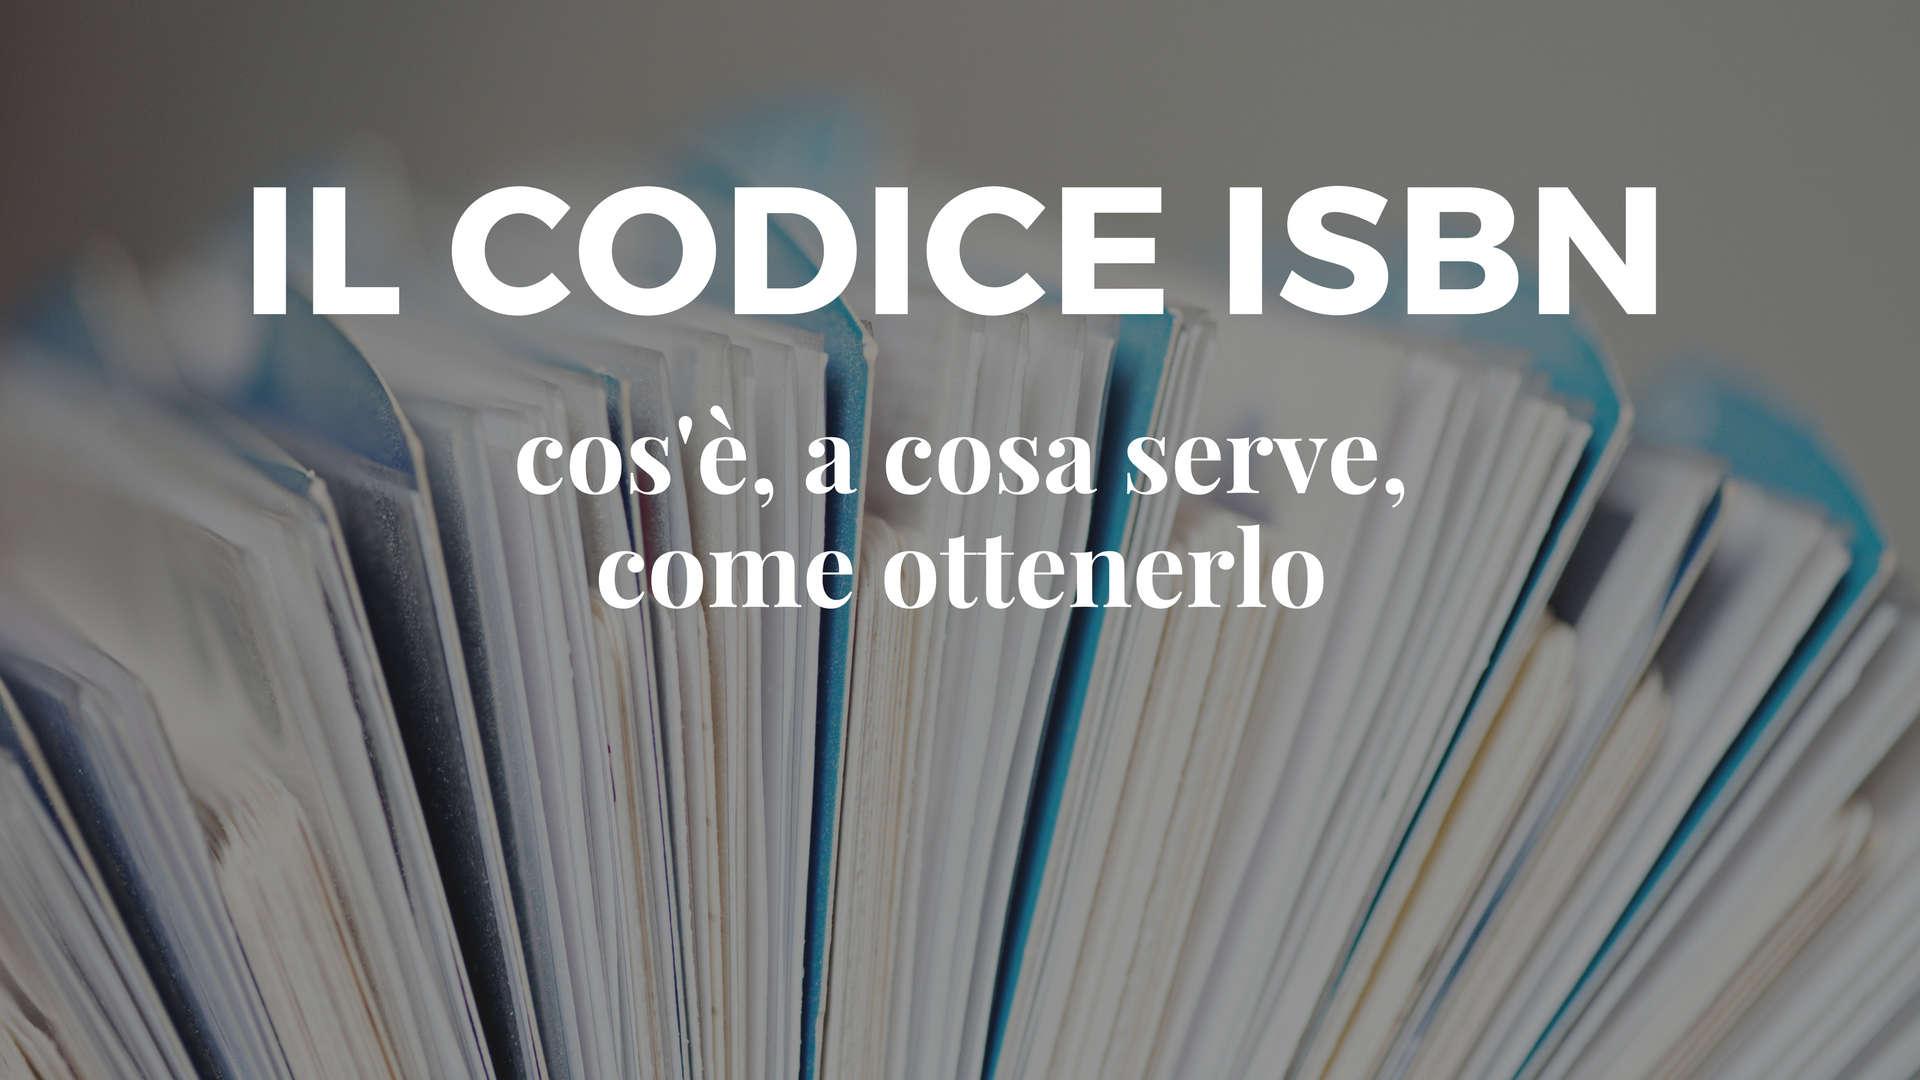 Mi Self Serve >> Il codice ISBN: cos'è, a cosa serve, come ottenerlo - Libroza